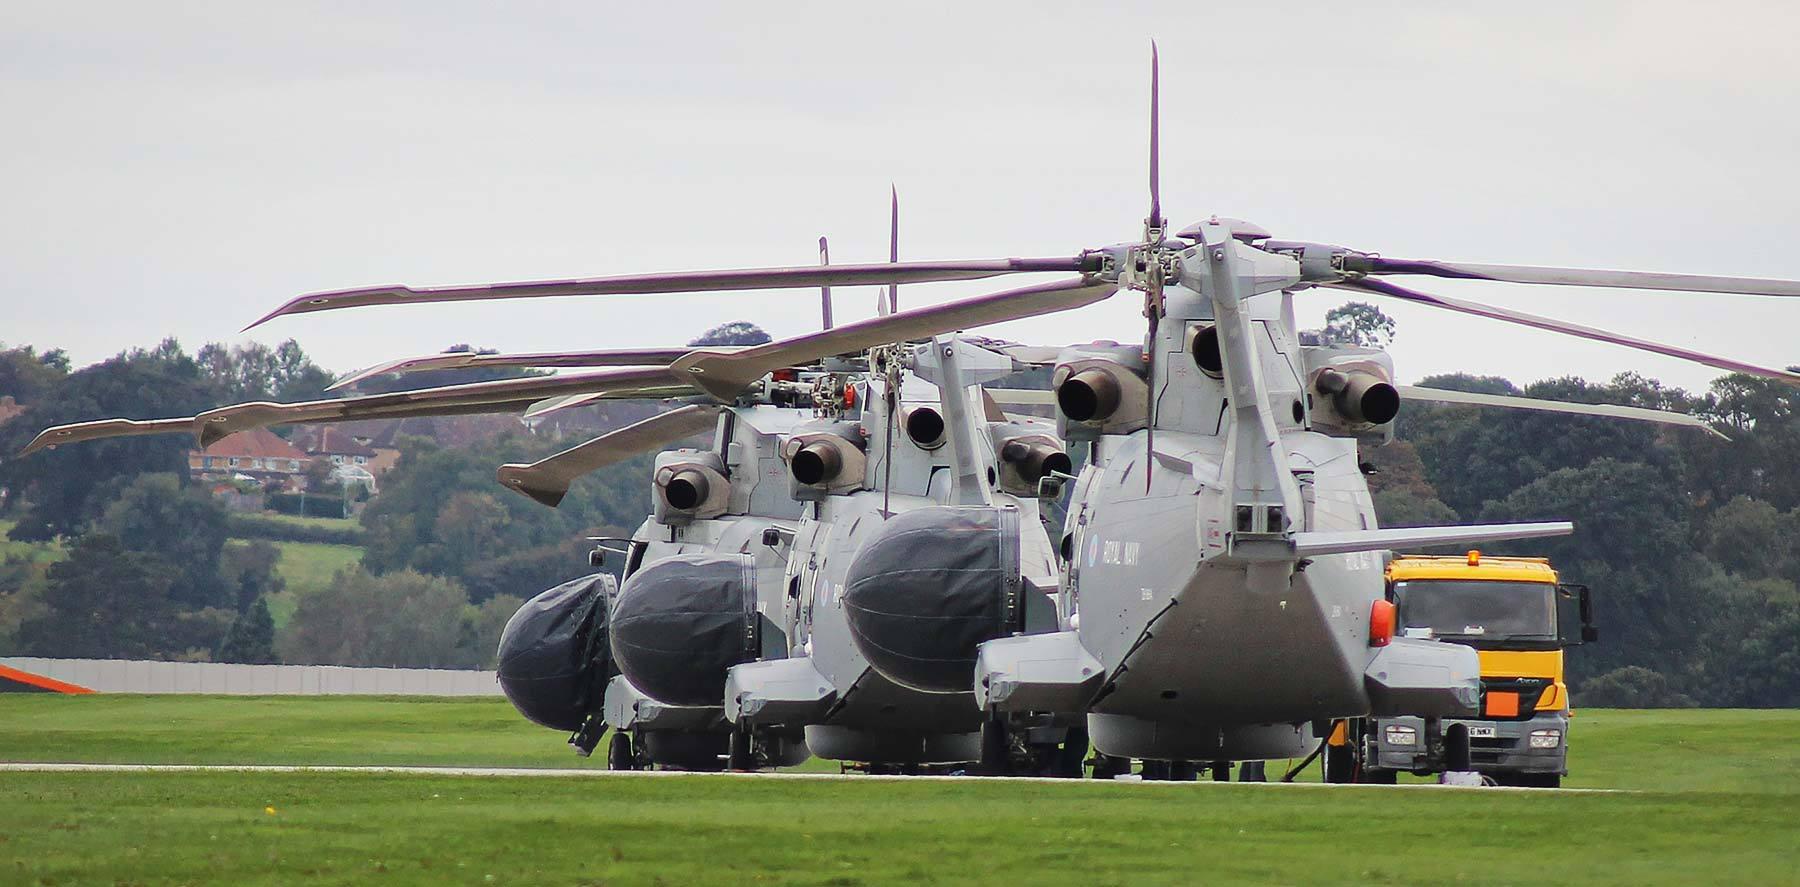 仍在努力推进的灰背隼/鸦巢舰载预警直升机